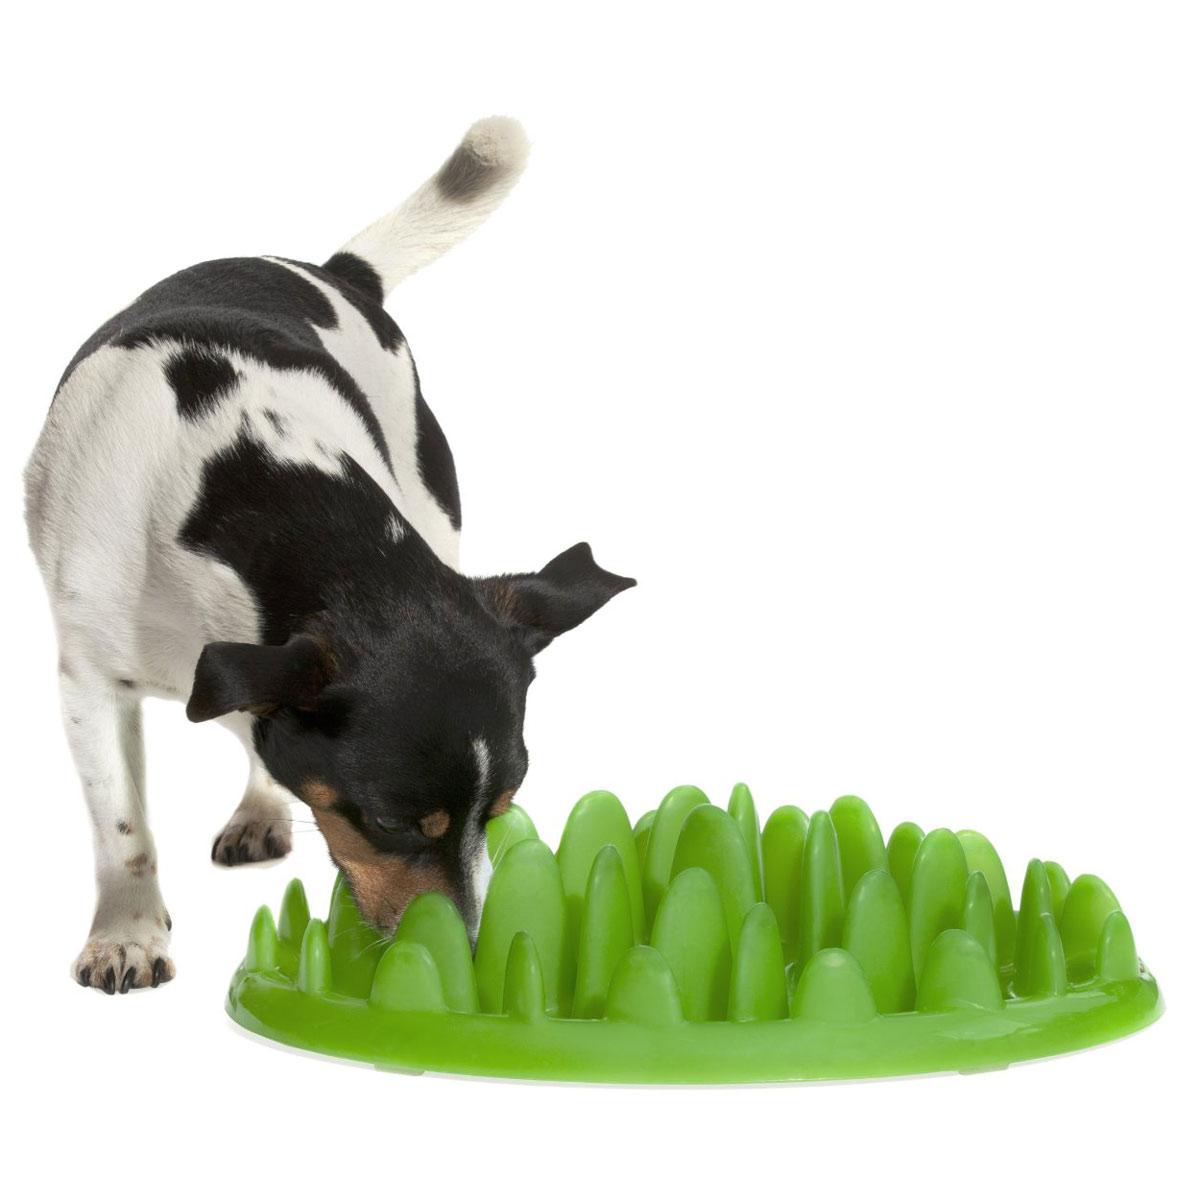 Dog Choking Eating Grass